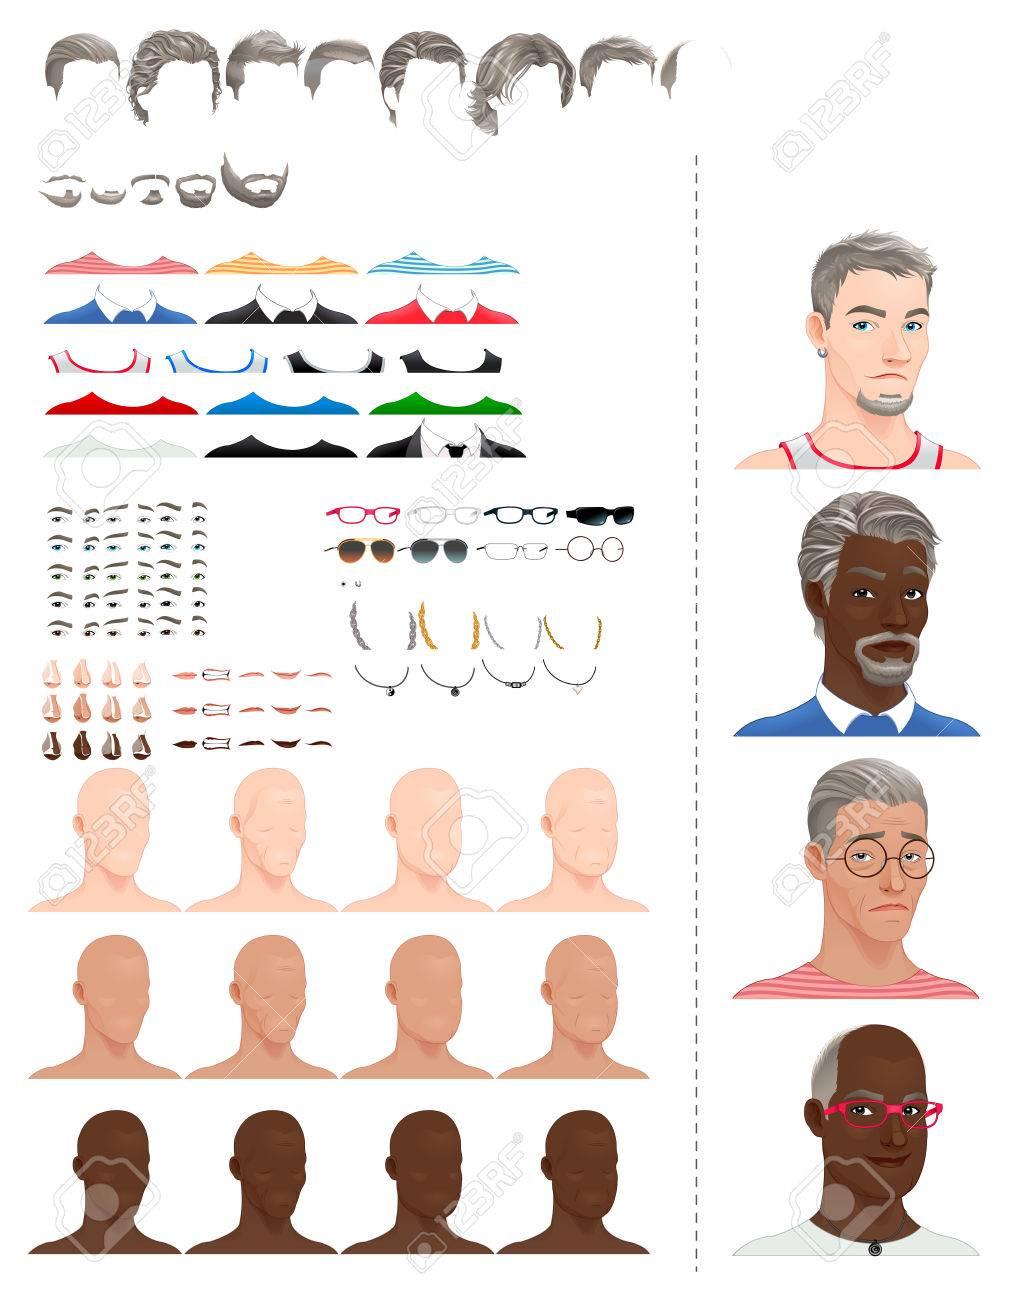 Как подобрать прическу к форме головы для мужчины